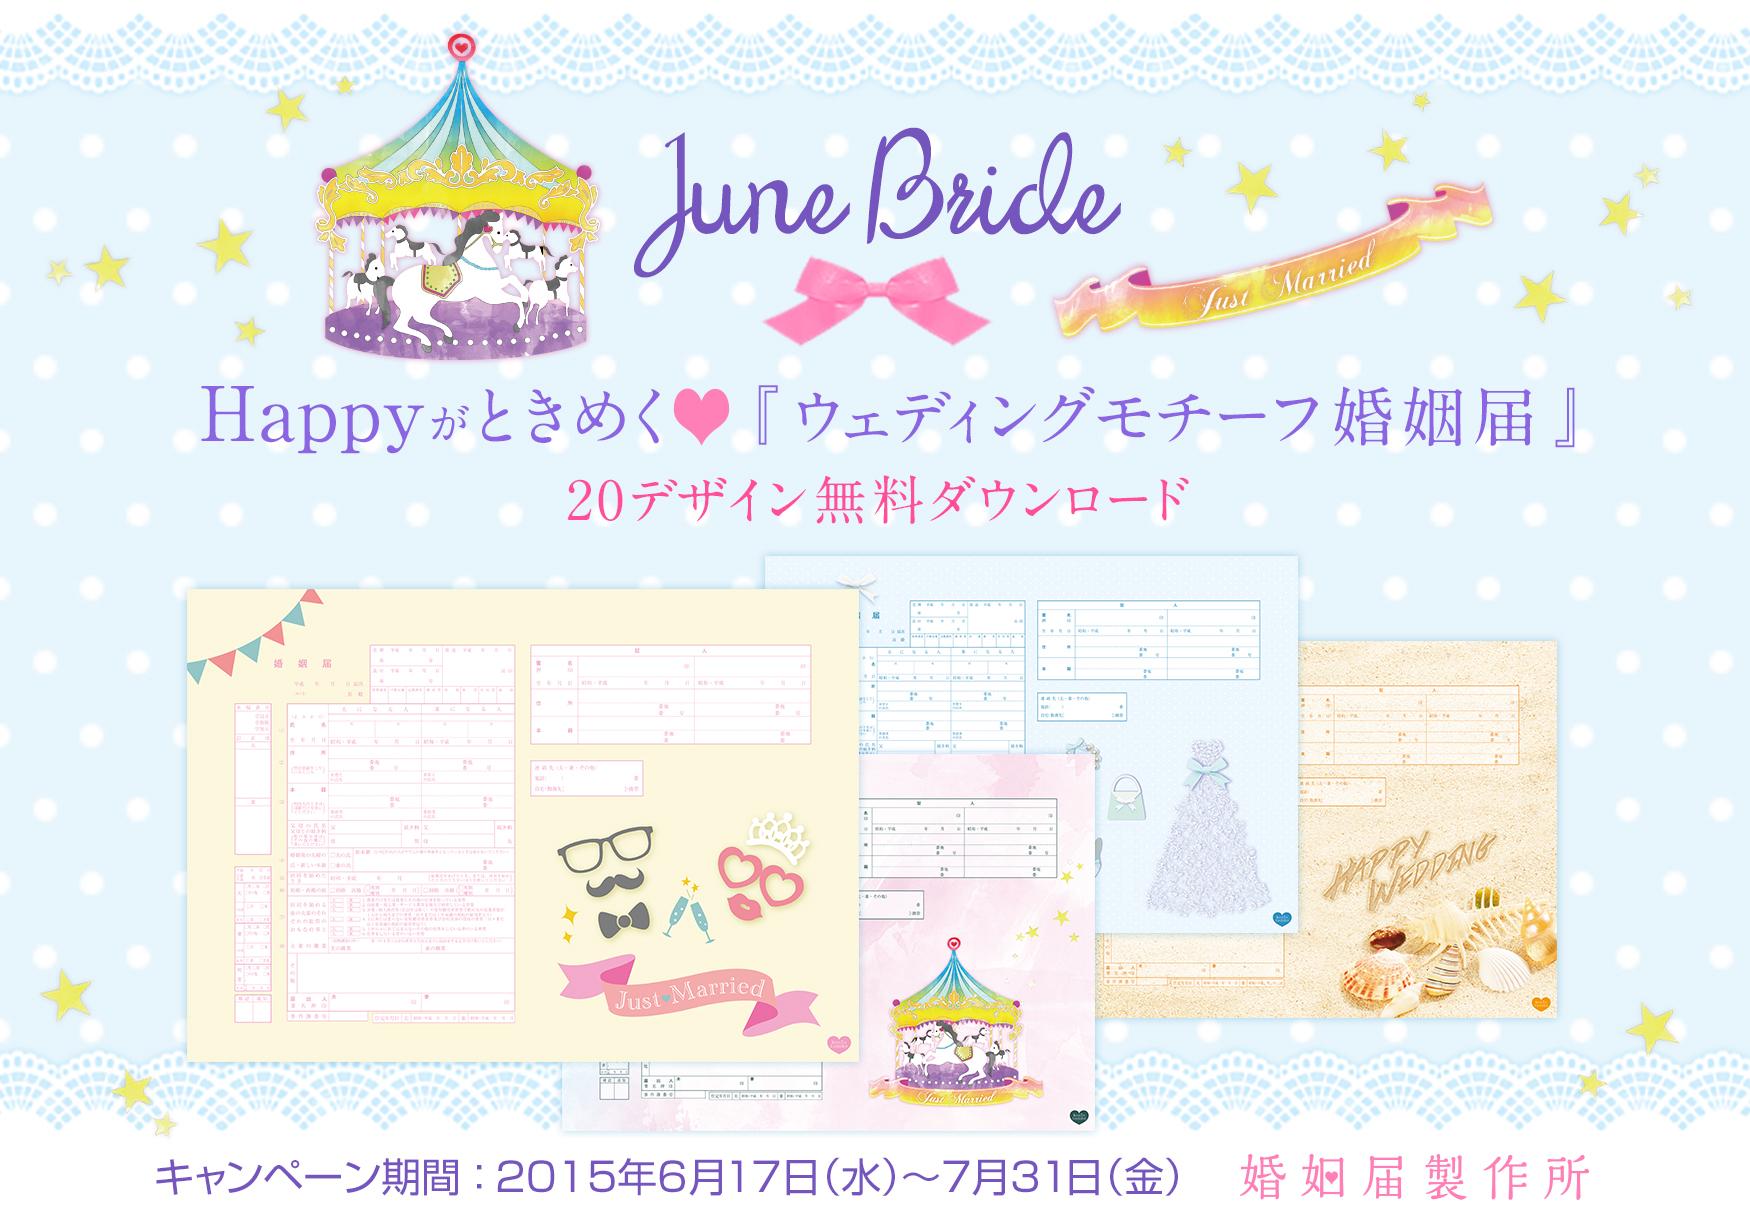 役所に提出できる、日本唯一のデザイン婚姻届 通販サイト「婚姻届製作所」 ジューンブライドにぴったり!